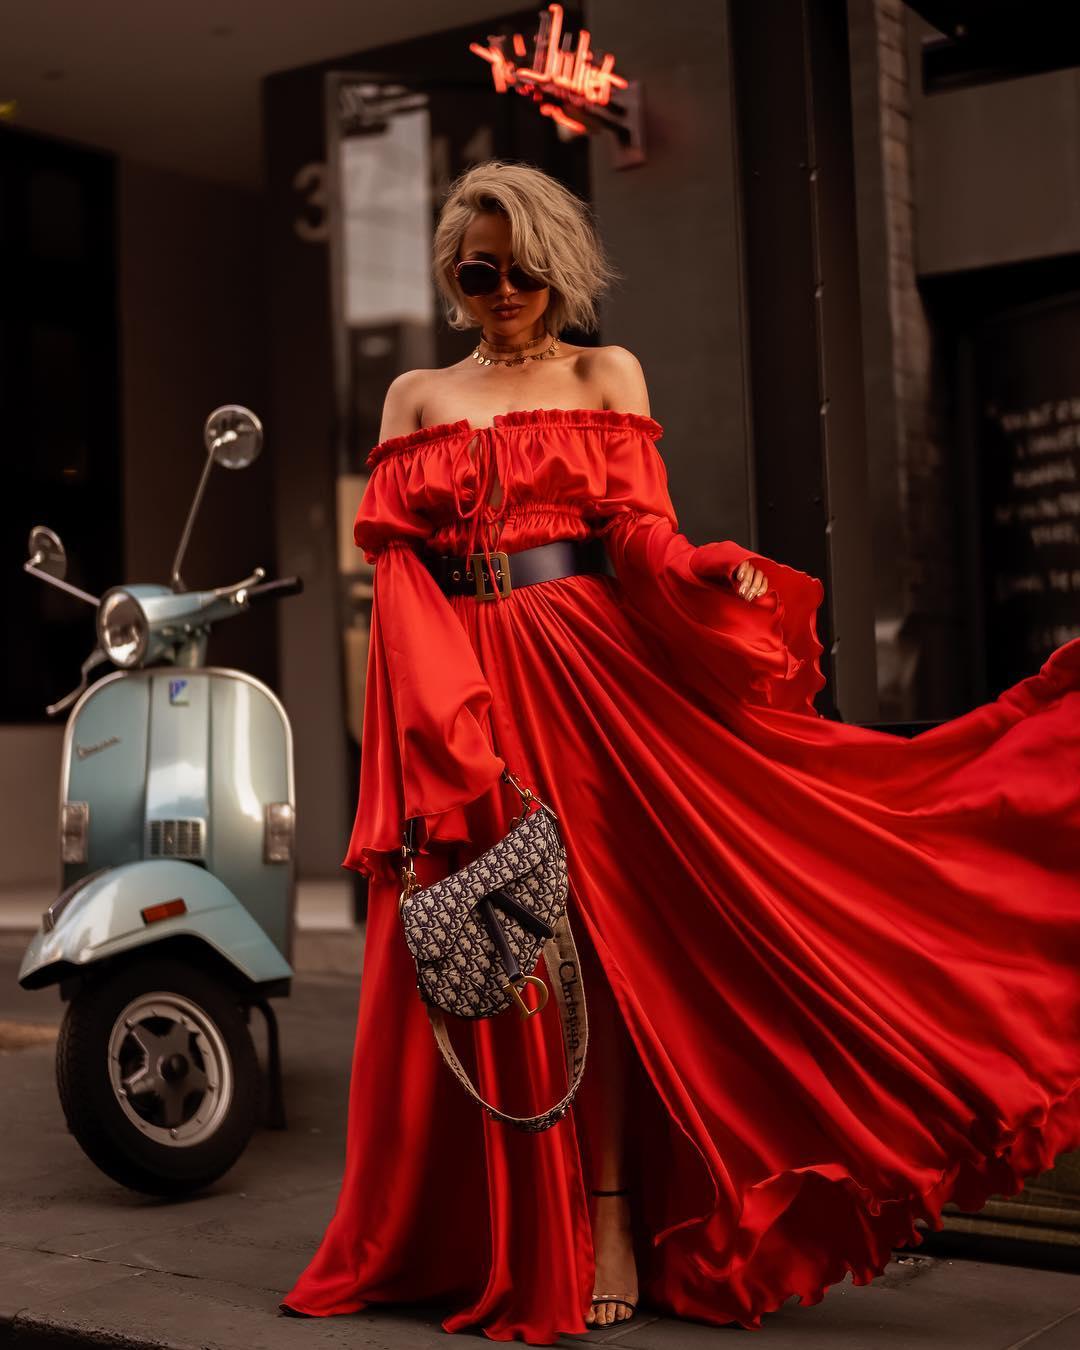 модный летние образы в красном цвете фото 8